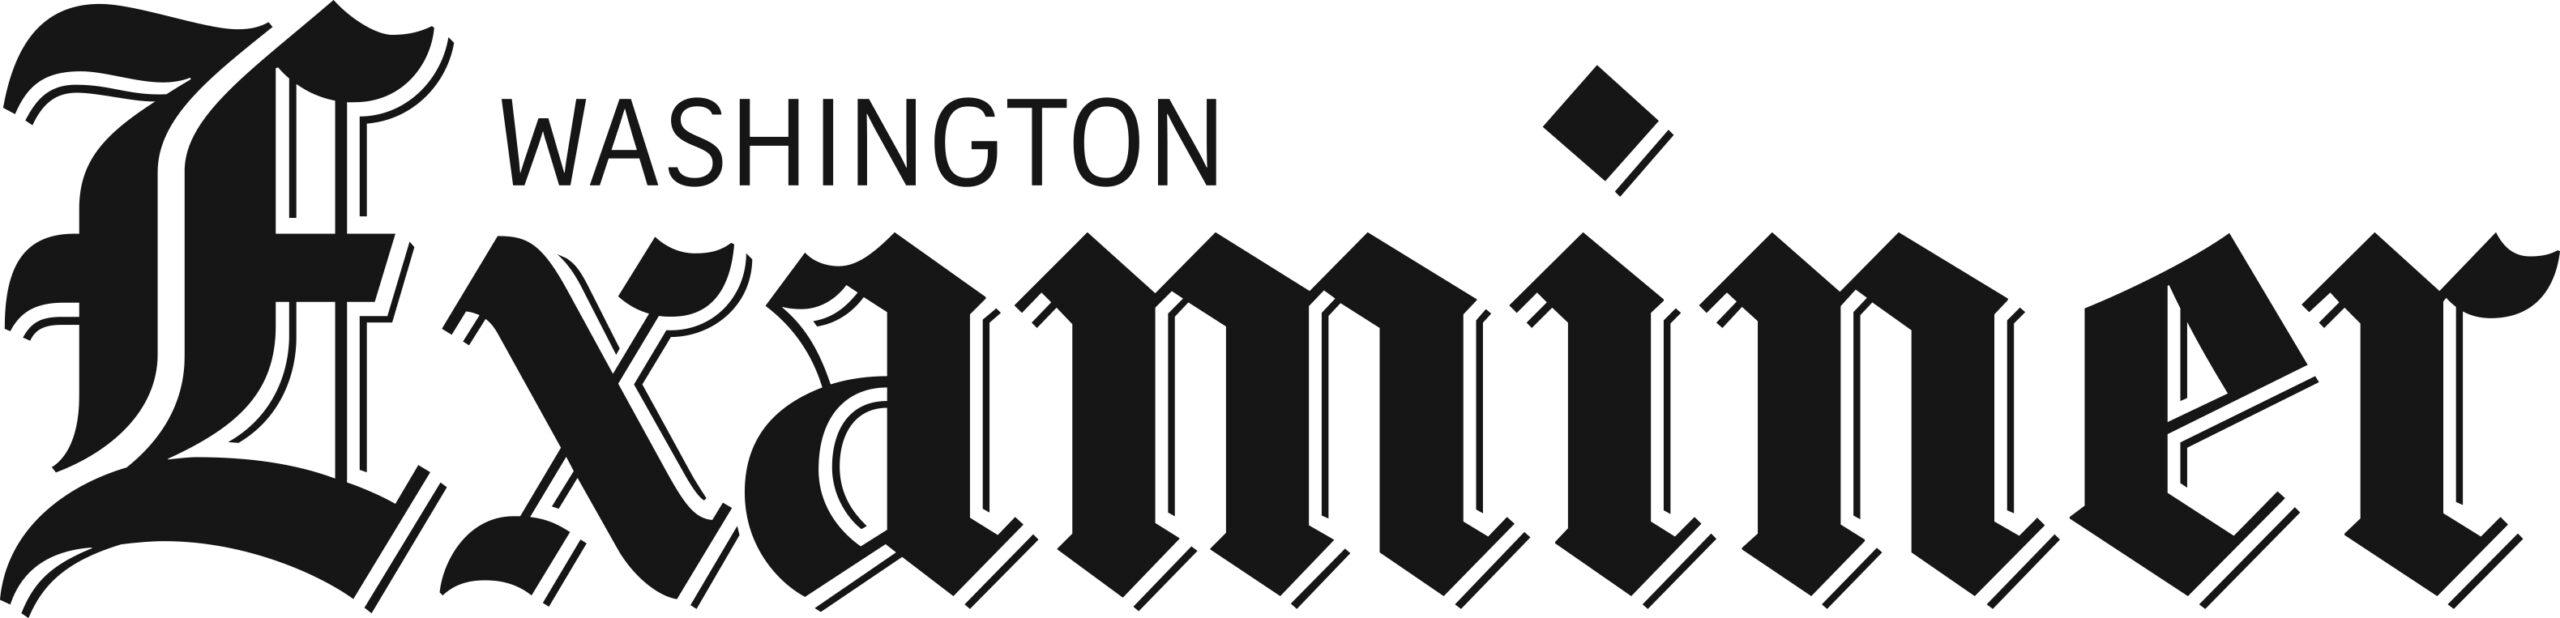 Logo for the Washington Examiner